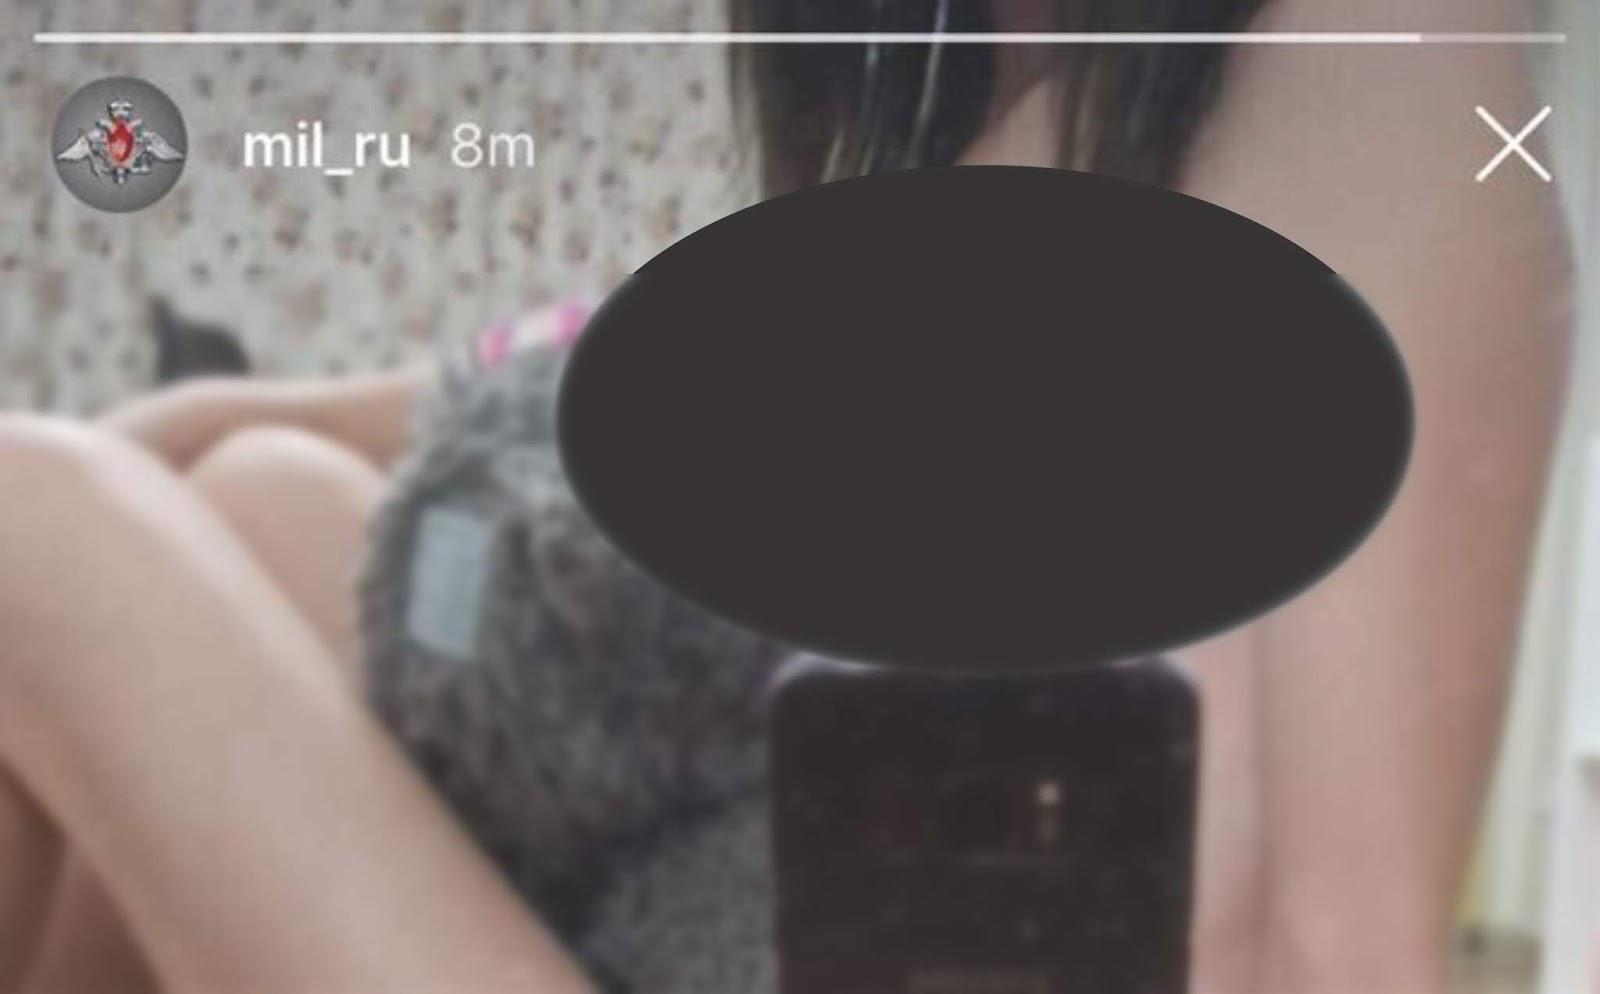 Internet dihebohkan oleh gambar telanjang di halaman Instagram Kementerian Pertahanan Rusia